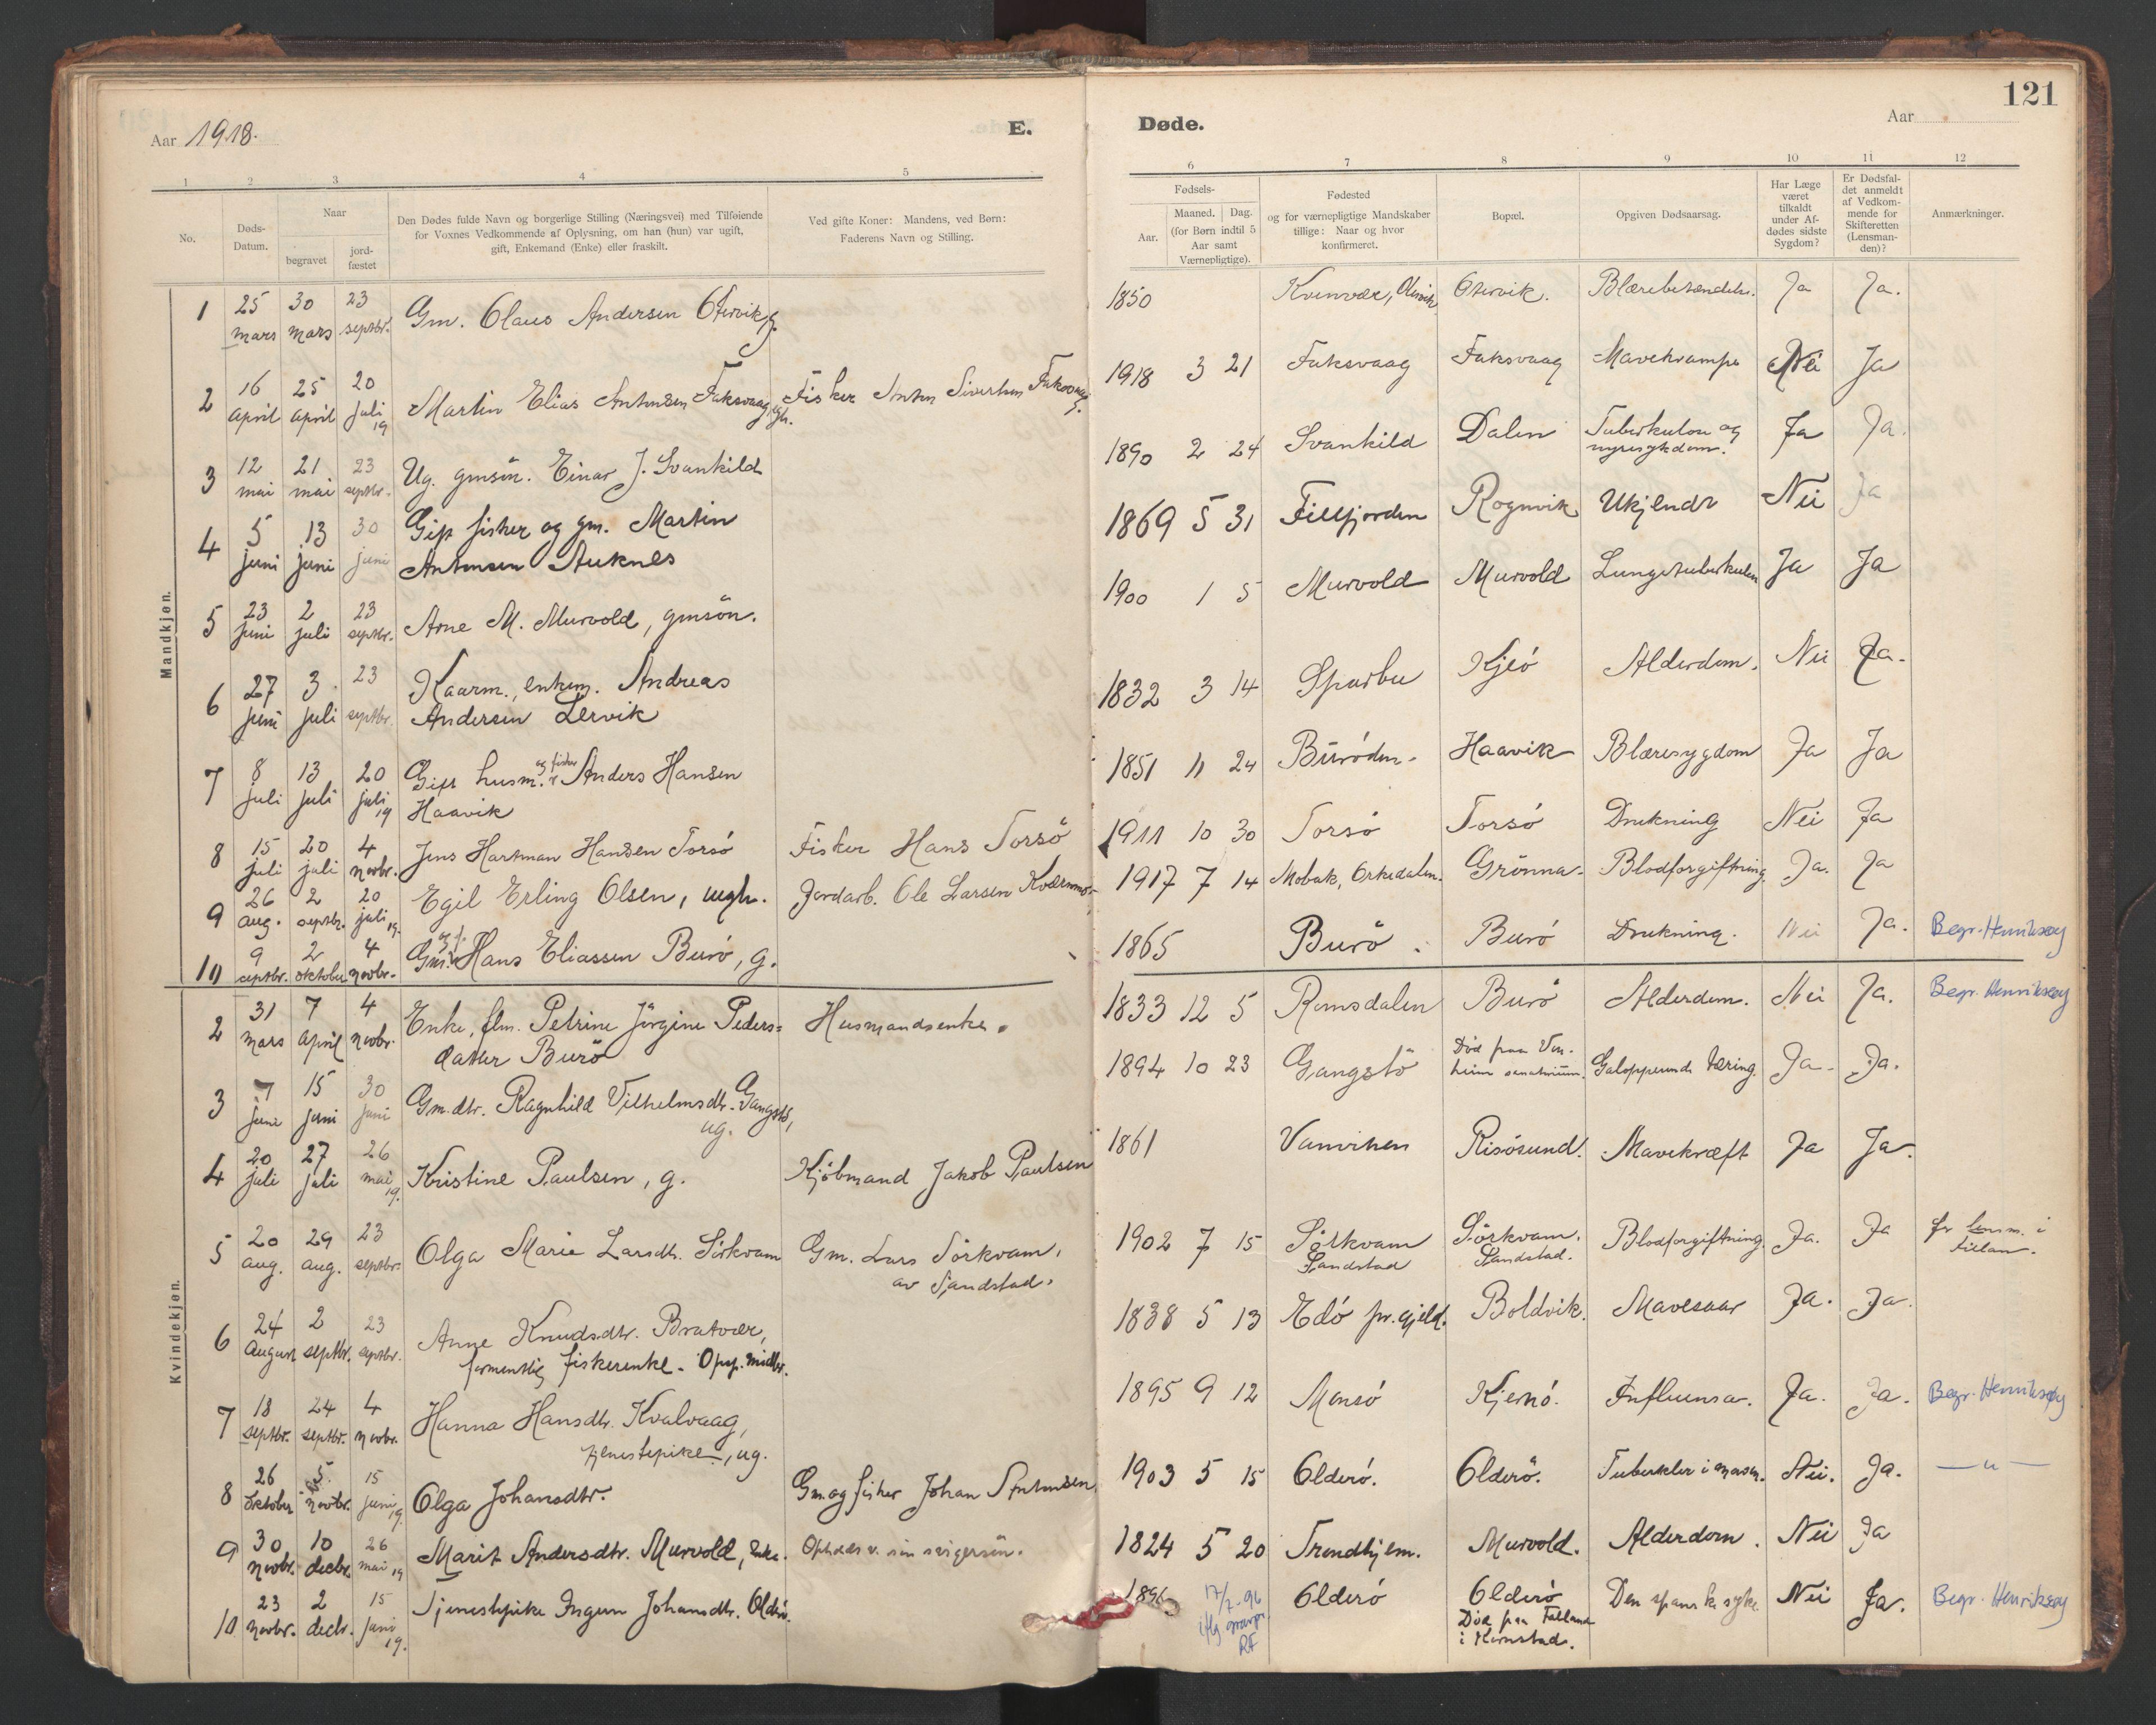 SAT, Ministerialprotokoller, klokkerbøker og fødselsregistre - Sør-Trøndelag, 635/L0552: Ministerialbok nr. 635A02, 1899-1919, s. 121